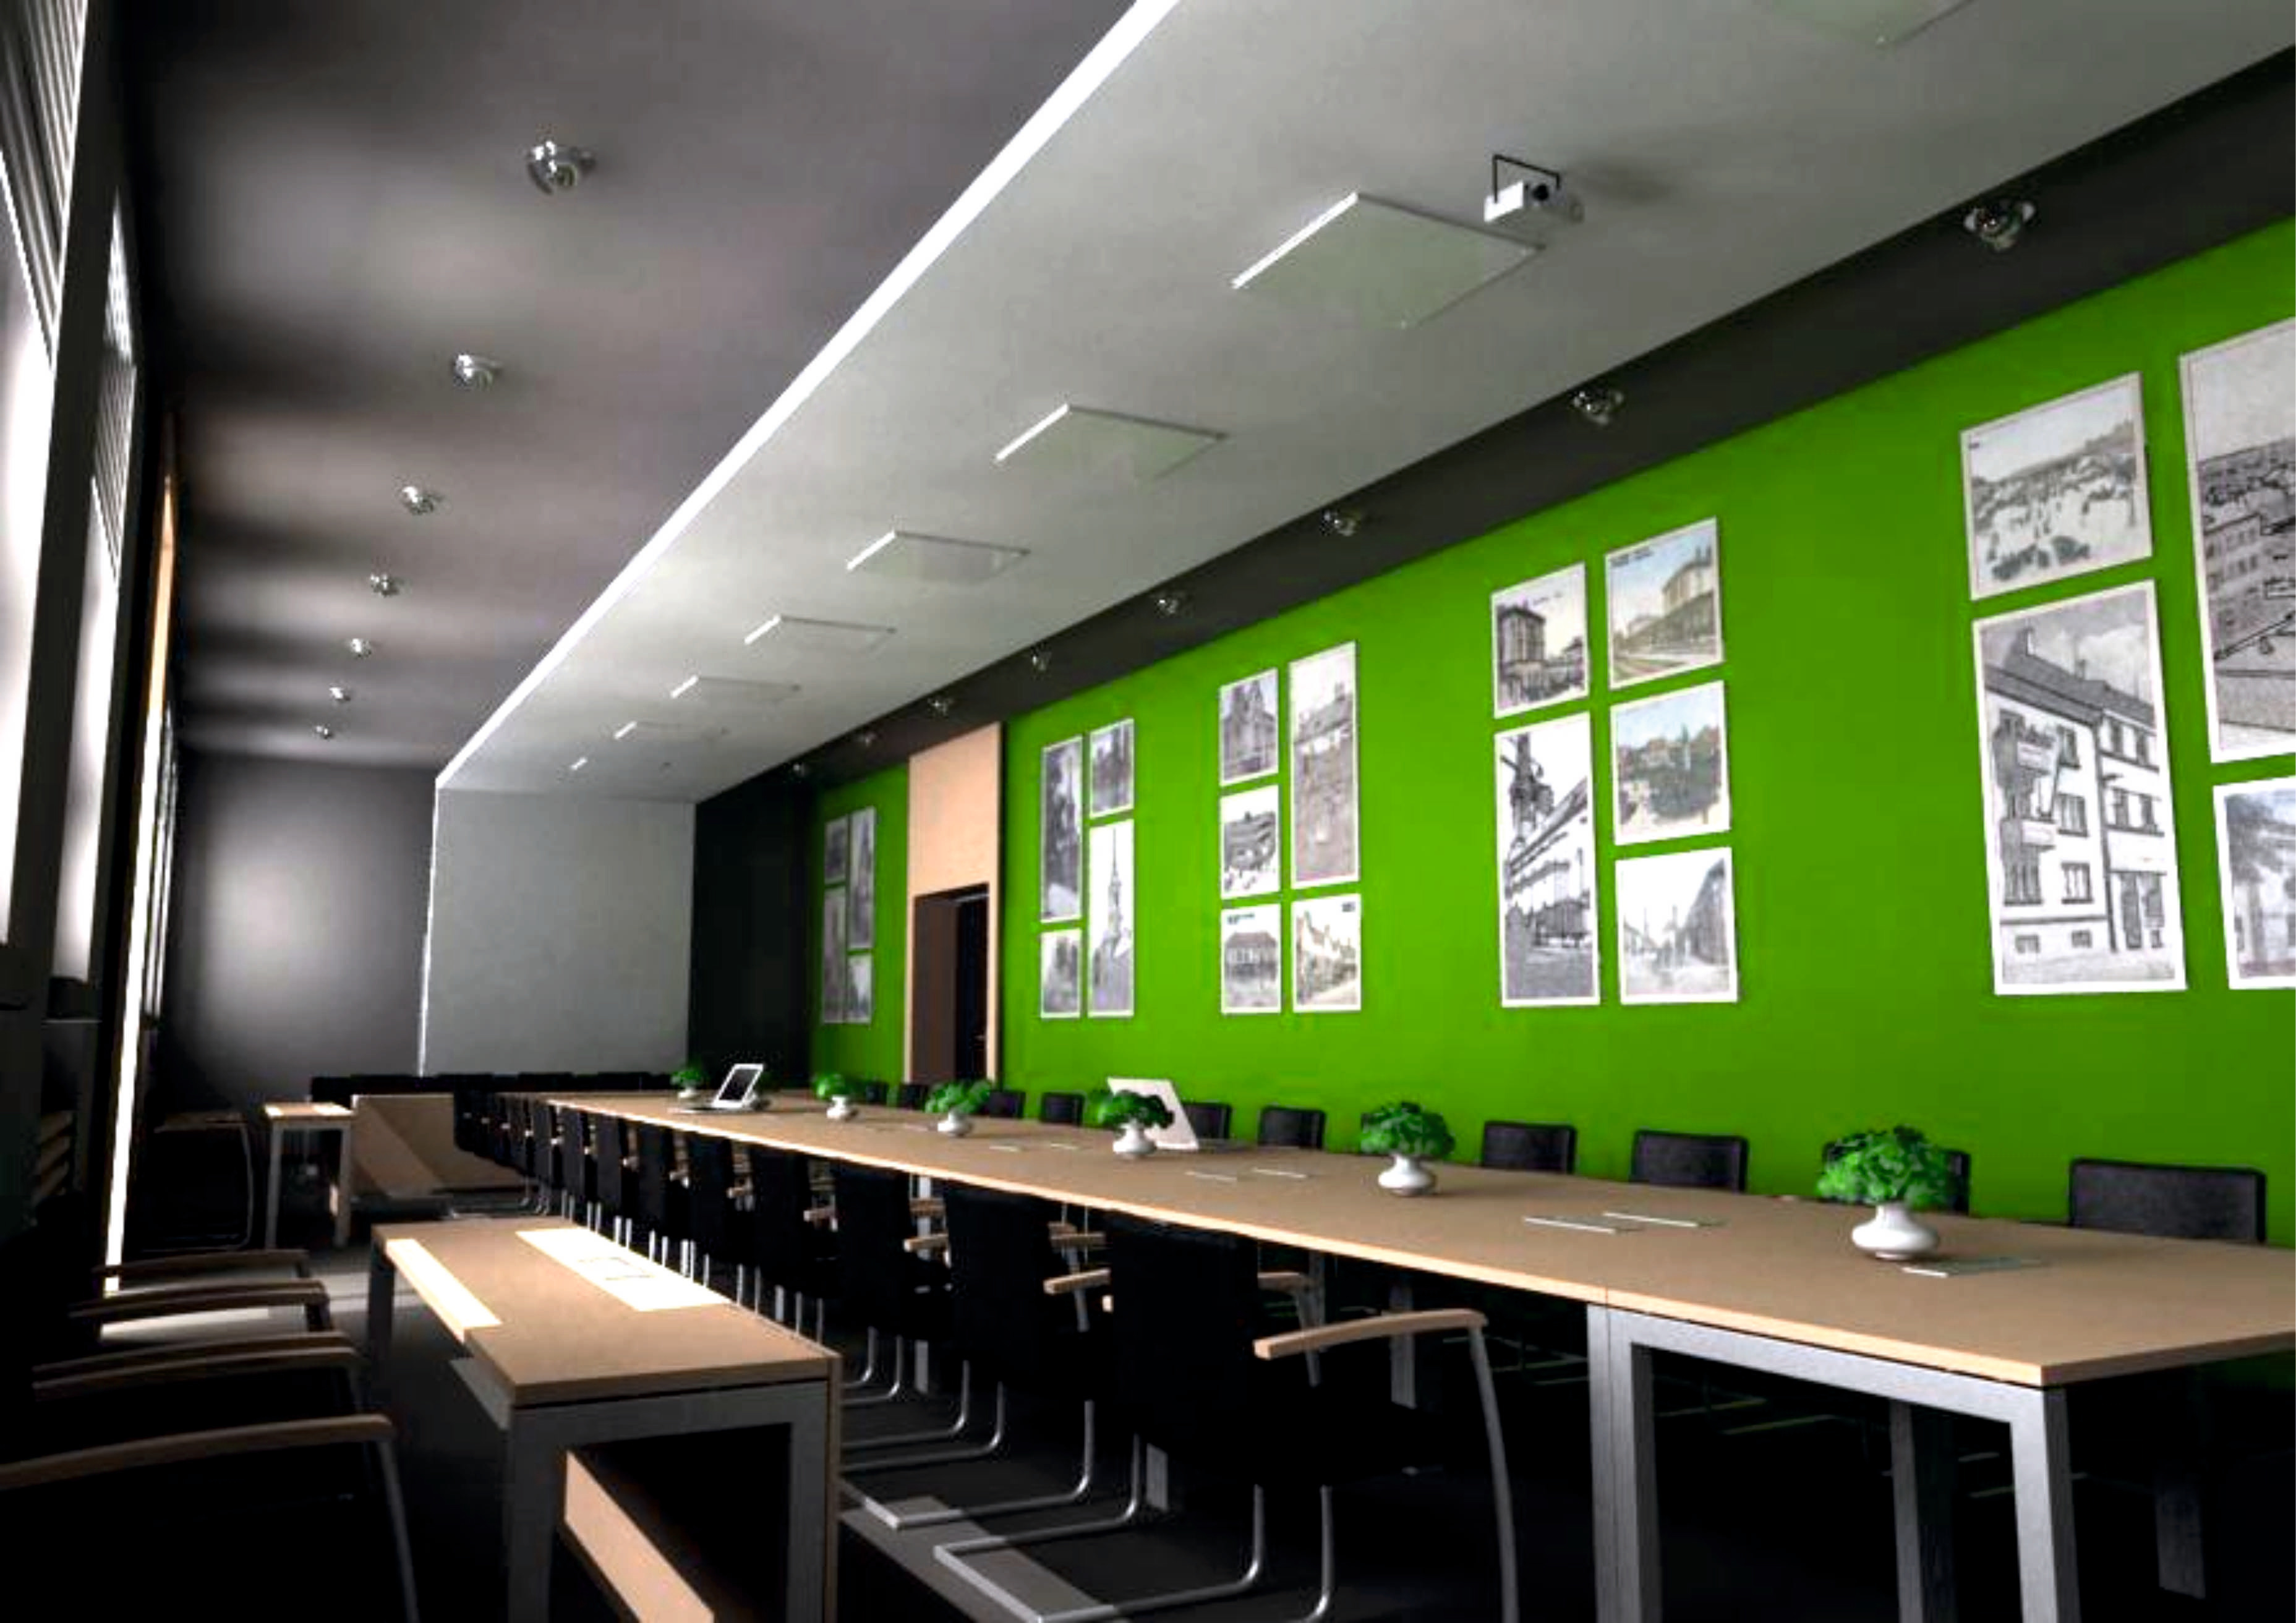 Projekt interiéru zasadačky NZ 09